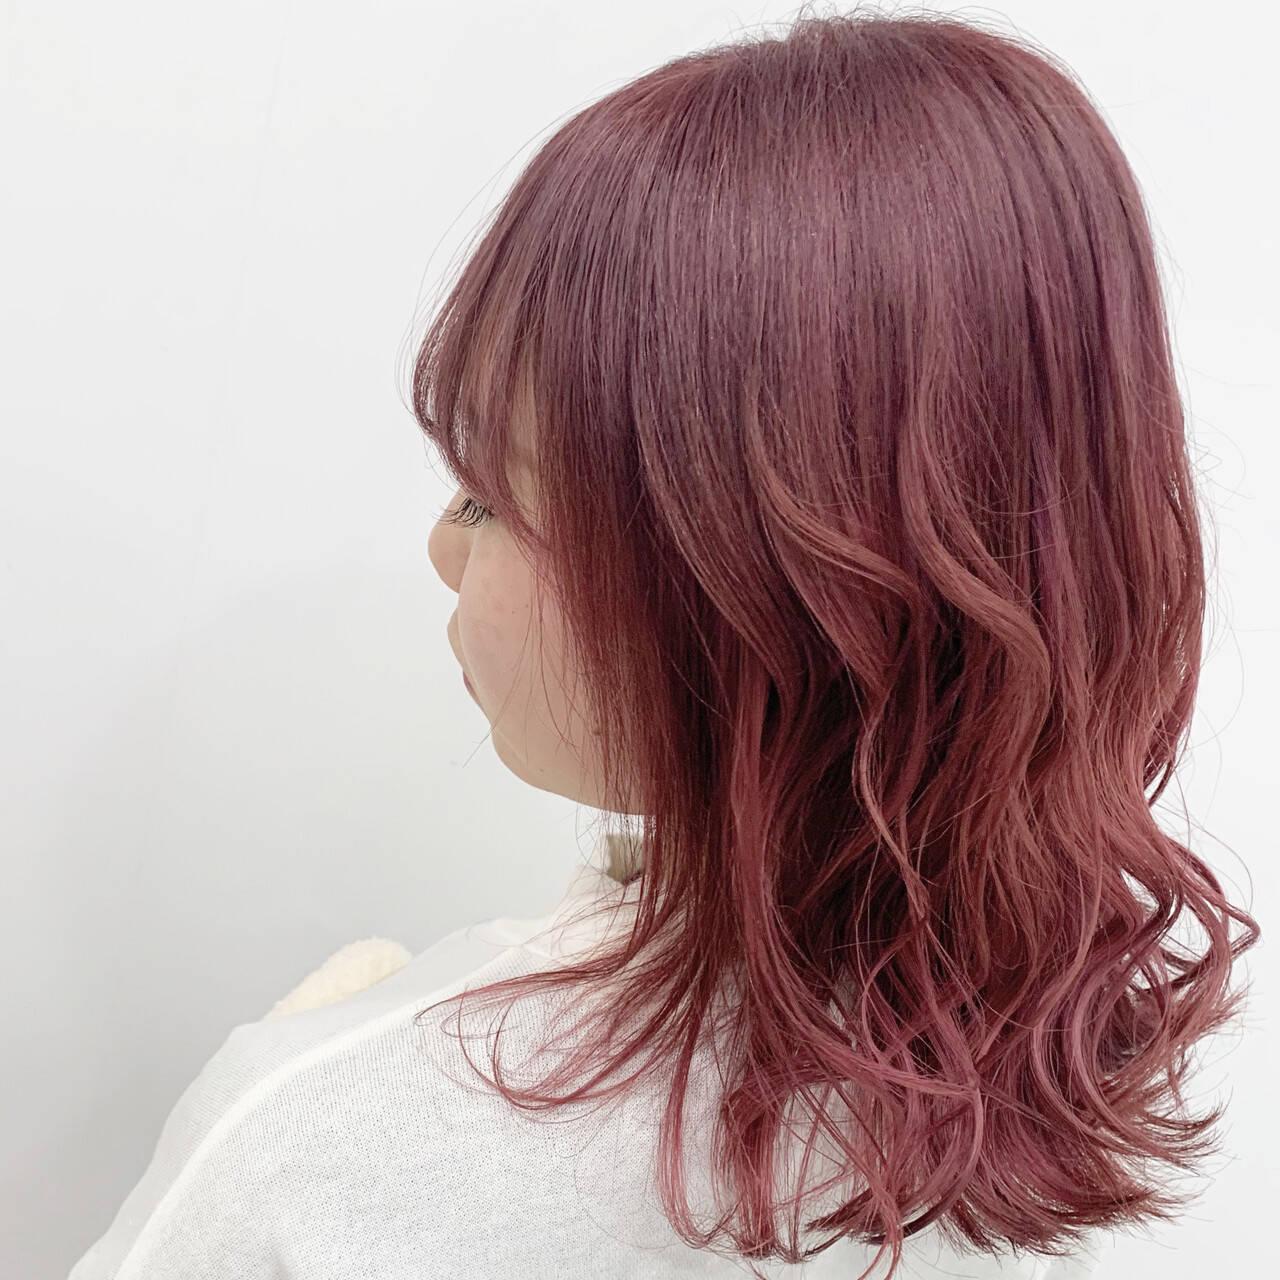 ベリーピンク ハイトーン フェミニン ブリーチヘアスタイルや髪型の写真・画像